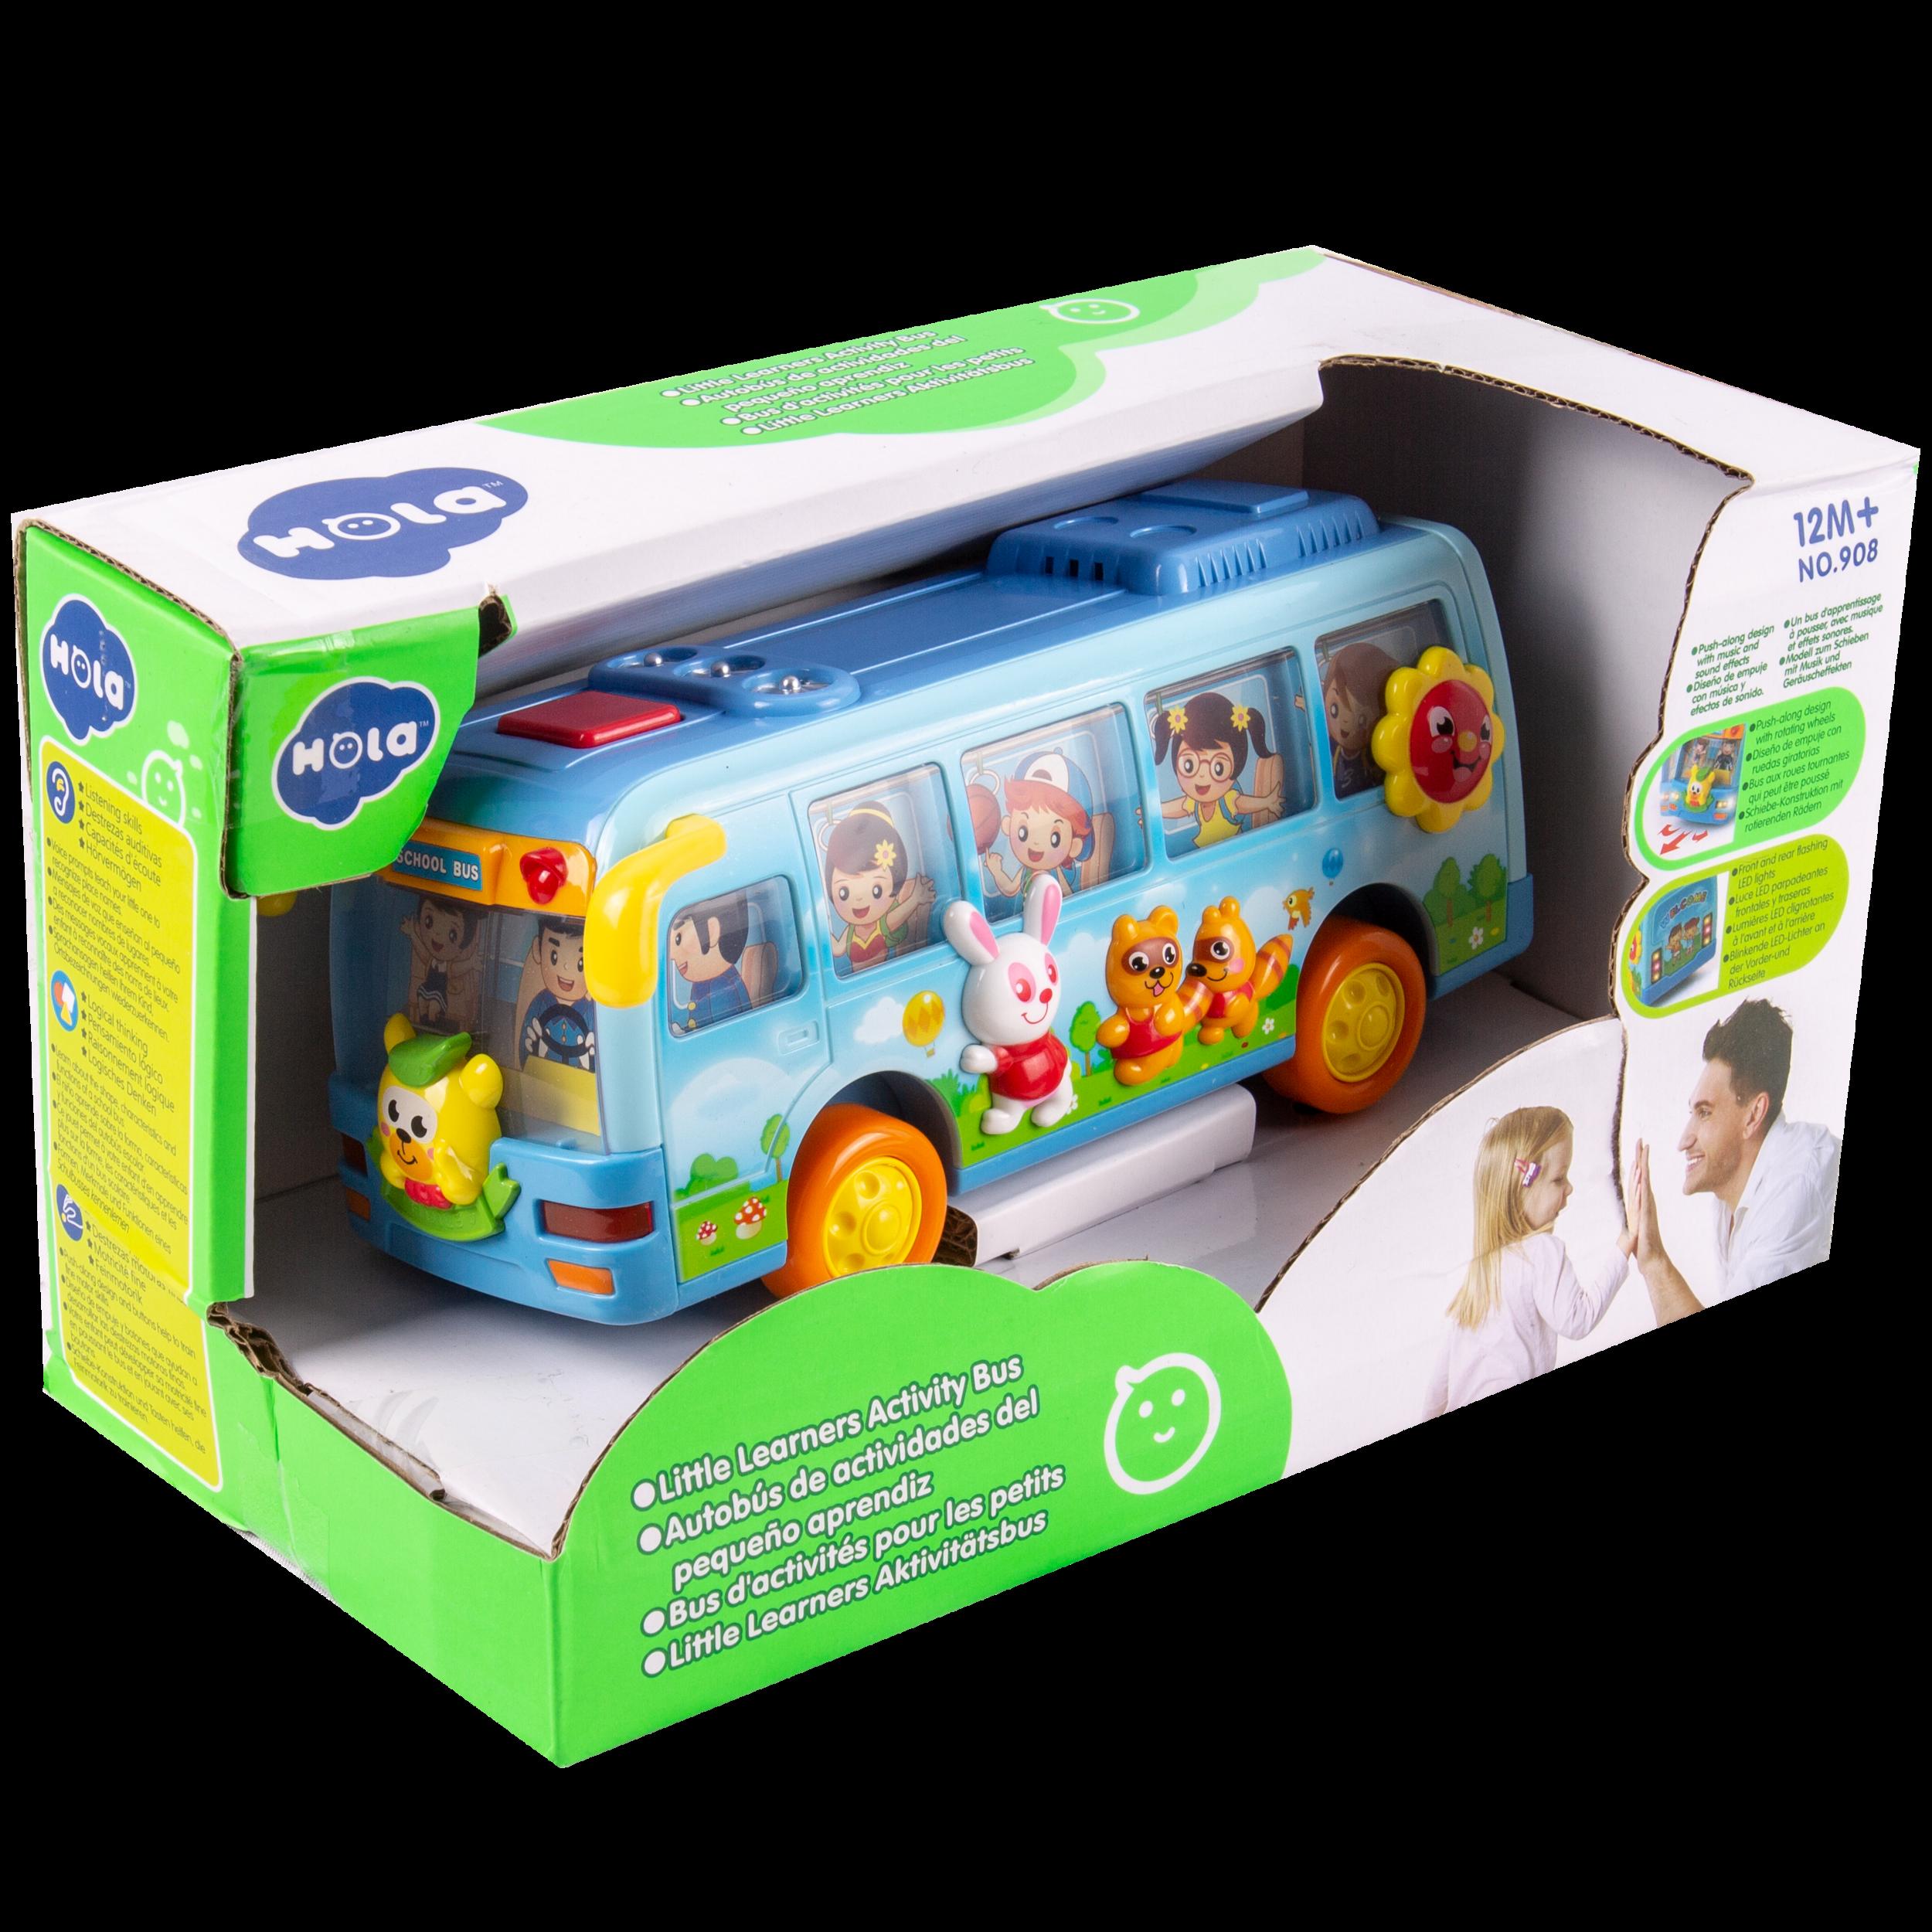 Autobús de Actividades del Pequeño Aprendiz - Código: 908